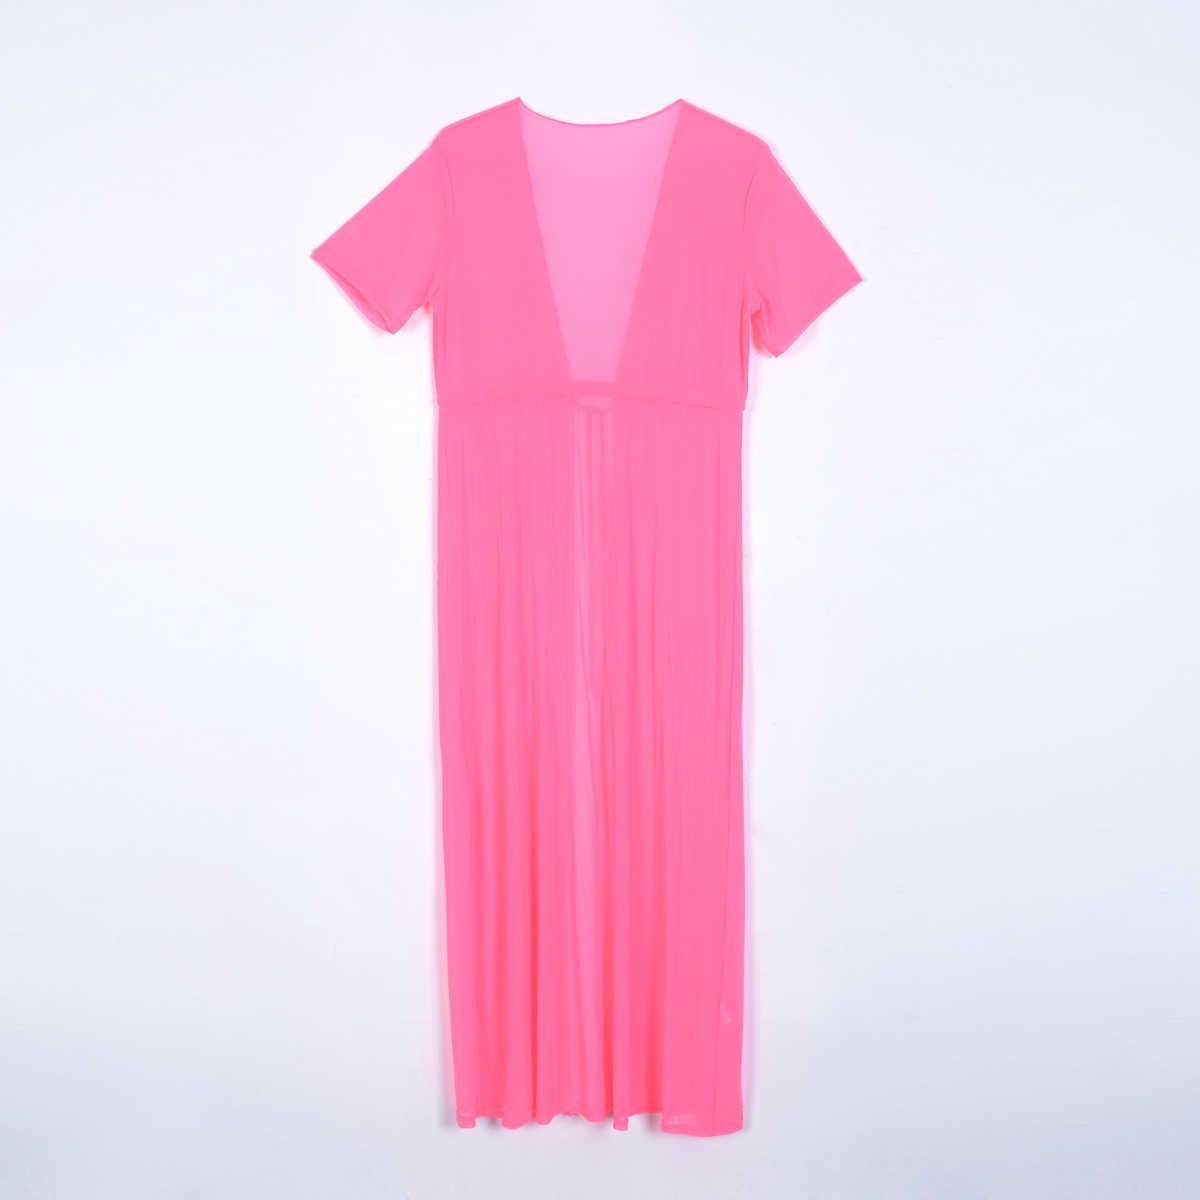 Женские прозрачные кружевные бикини, летний кардиган купальник, Пляжное длинное платье, женский сарафан, женские свободные тонкие платья